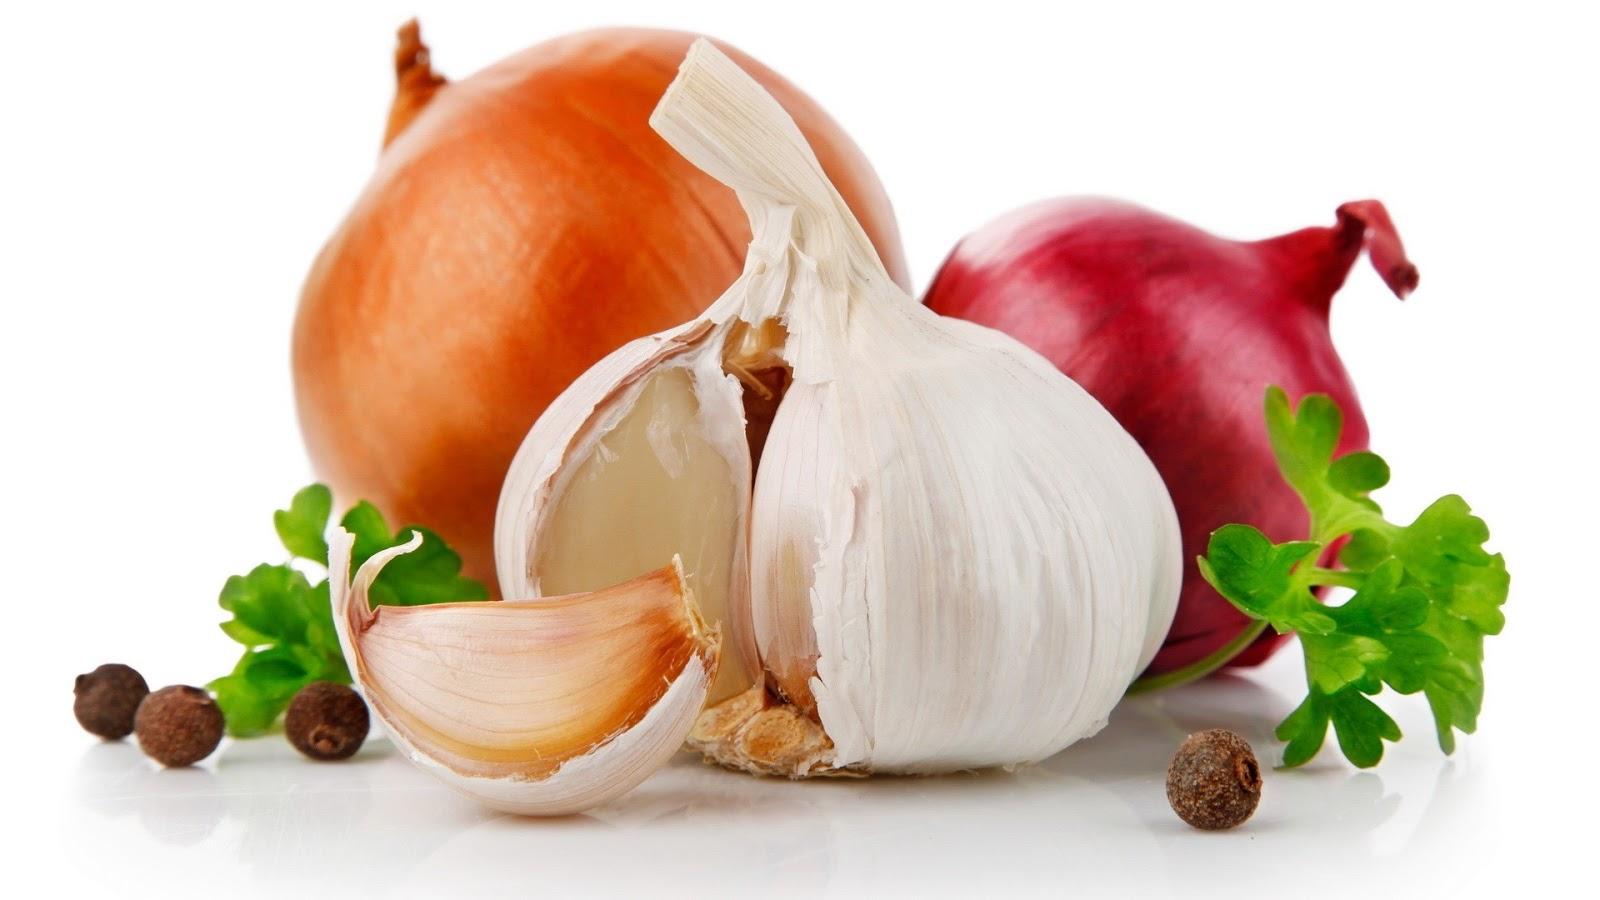 Garlic/Der Knoblauch/чеснок/ail, czyli porozmawiajmy o Czosnku.